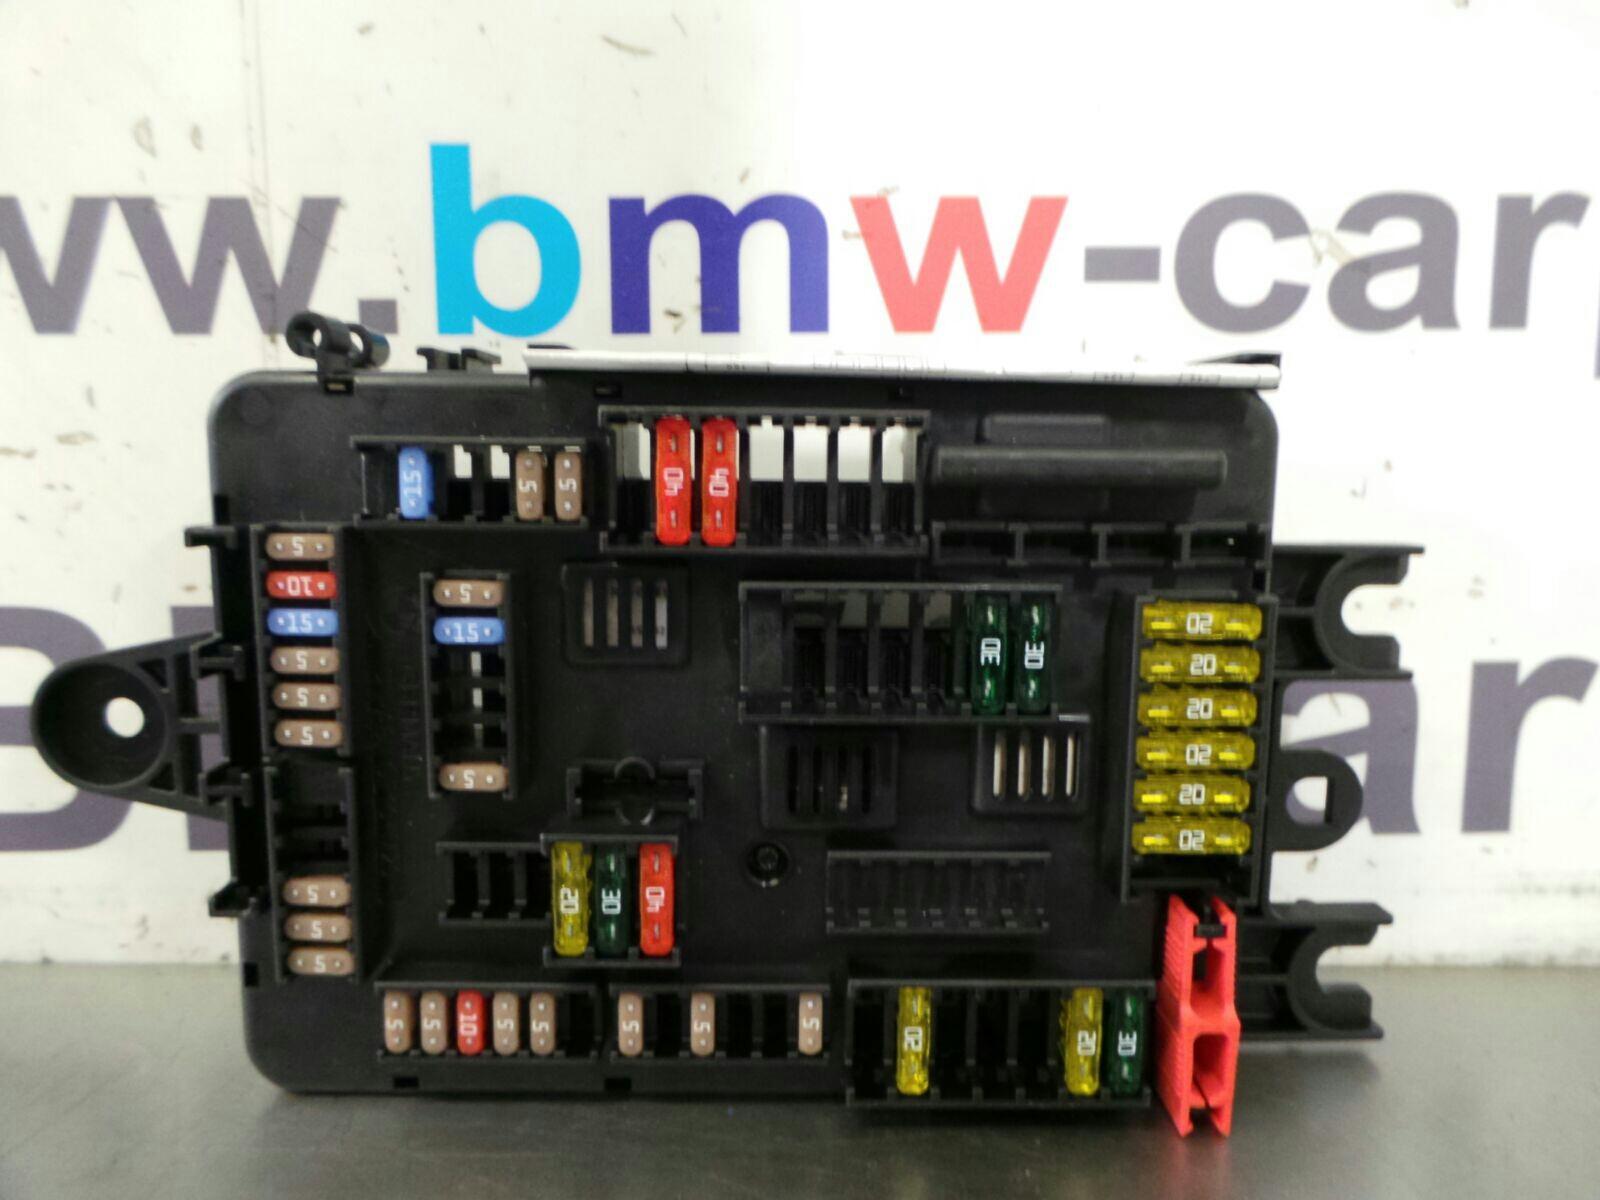 B7F Bmw 2002tii Wiring Diagram | Ebook Databases  |Bmw 2002 Tii Wiring Diagram